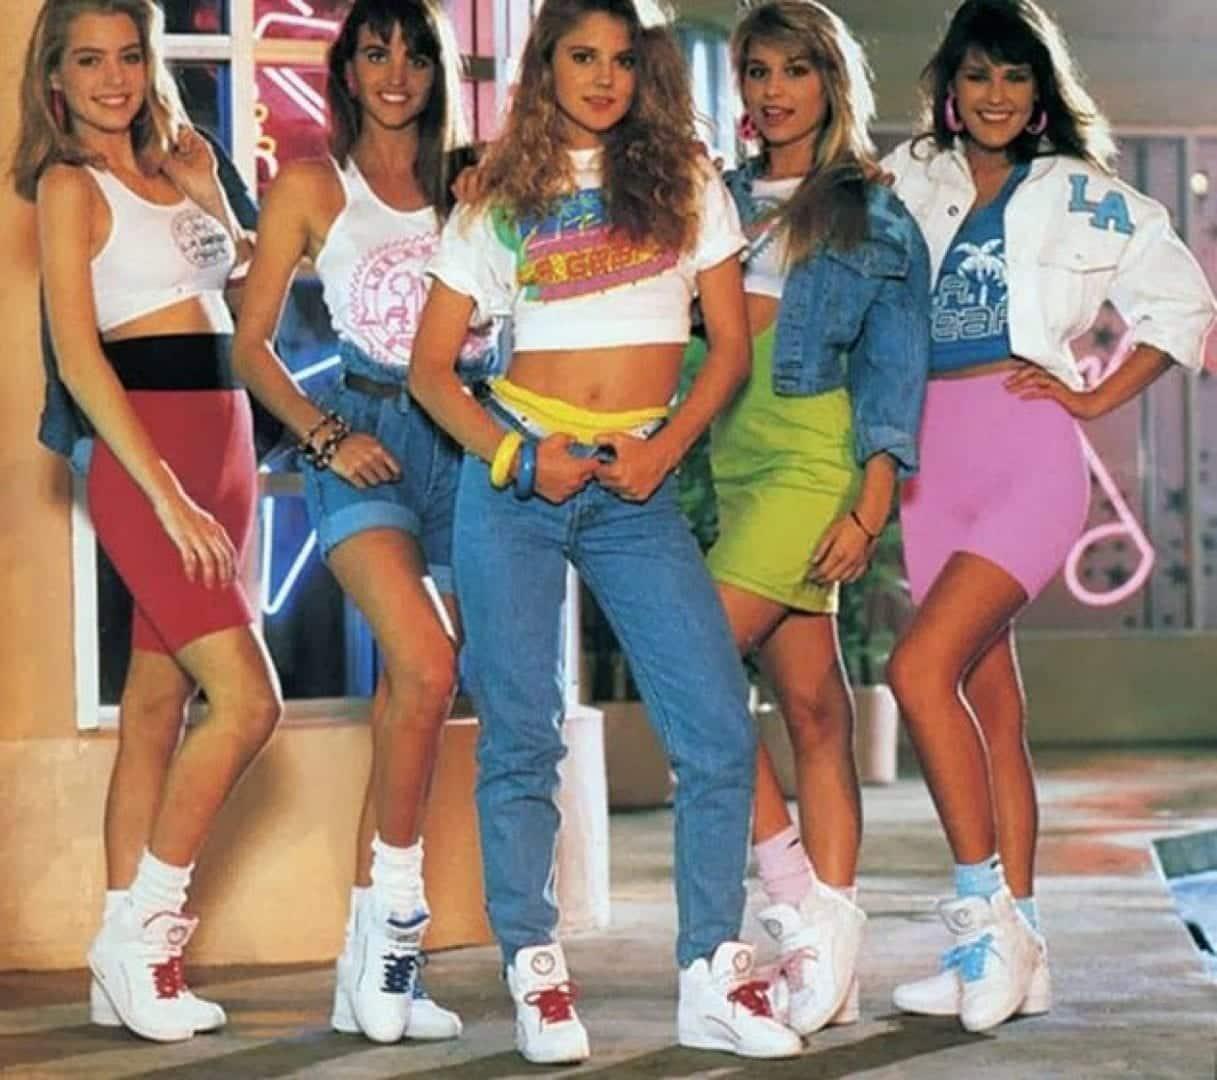 Roupas anos 80- Como usar, peças principais + tendências da época